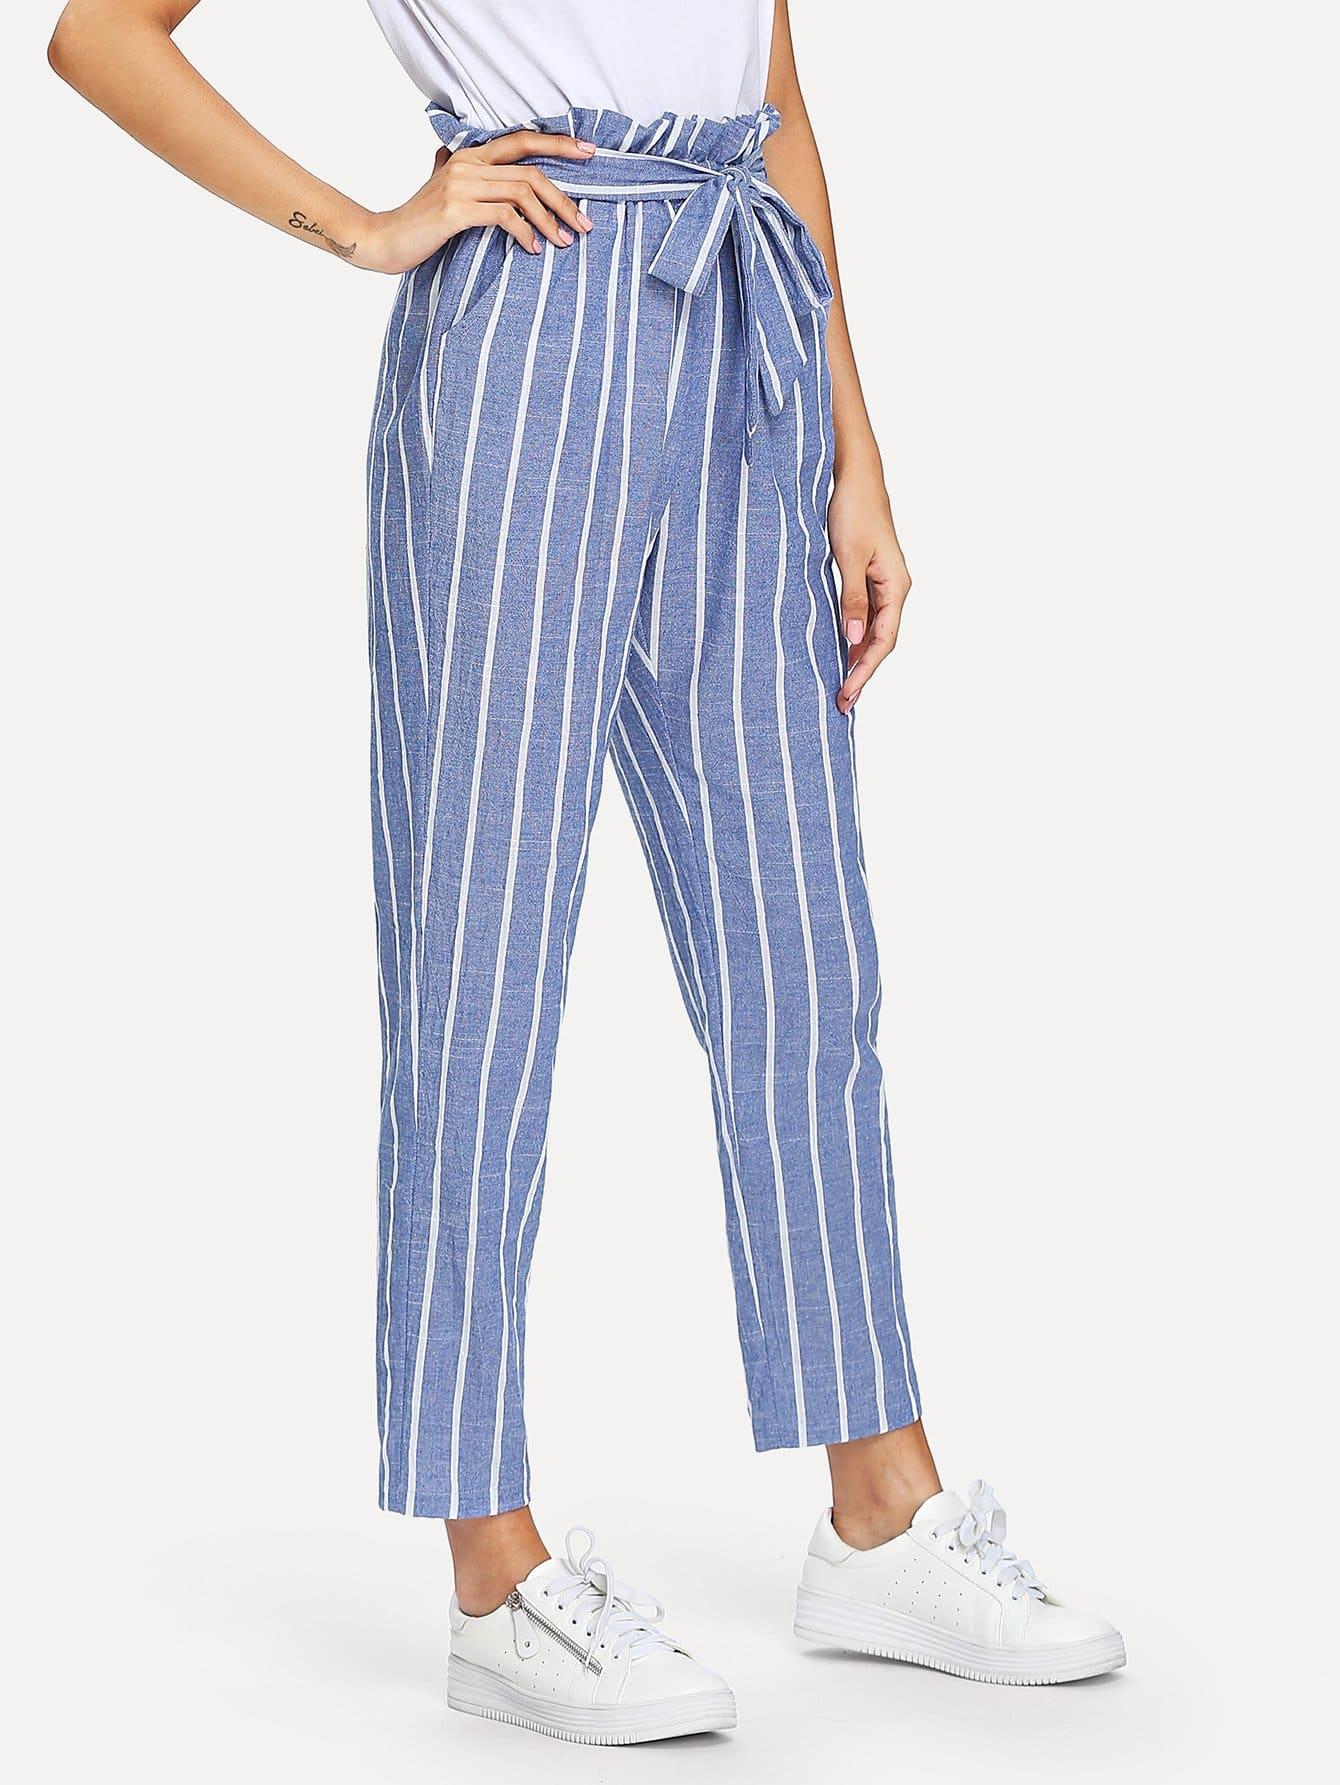 Купить Полосатые брюки с поясной талией, Gabi B, SheIn